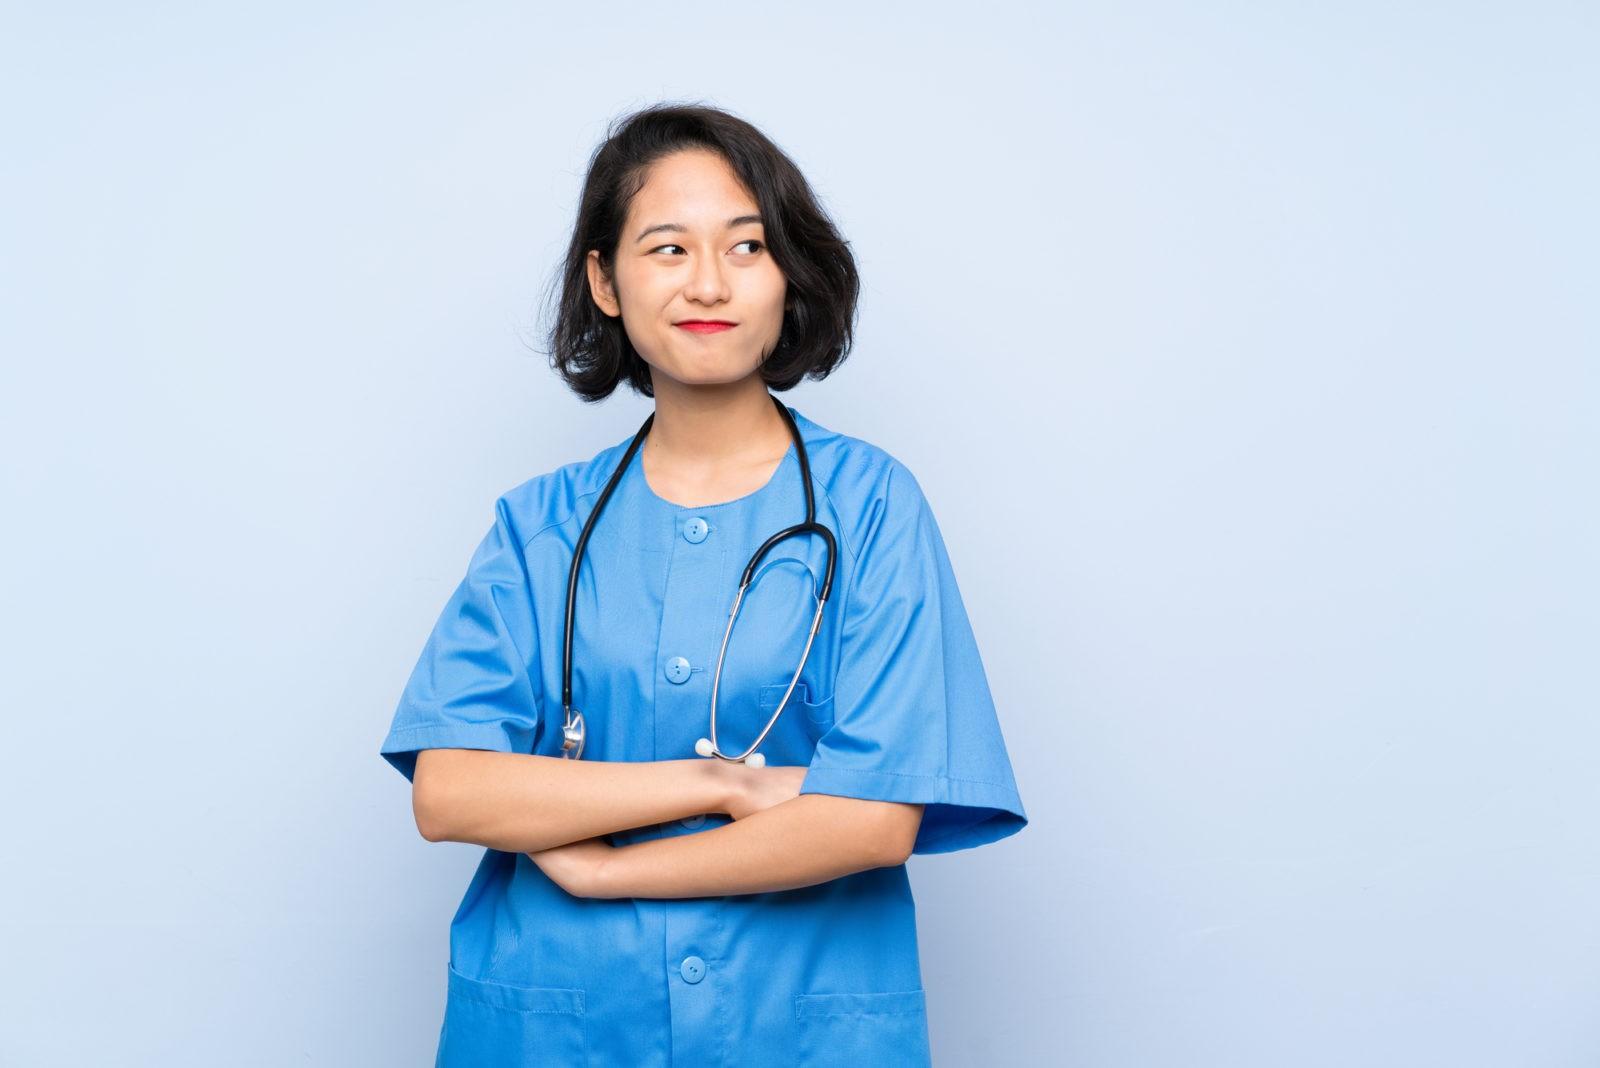 Медицинская страховка во Вьетнам Нужна ли и какую лучше выбрать